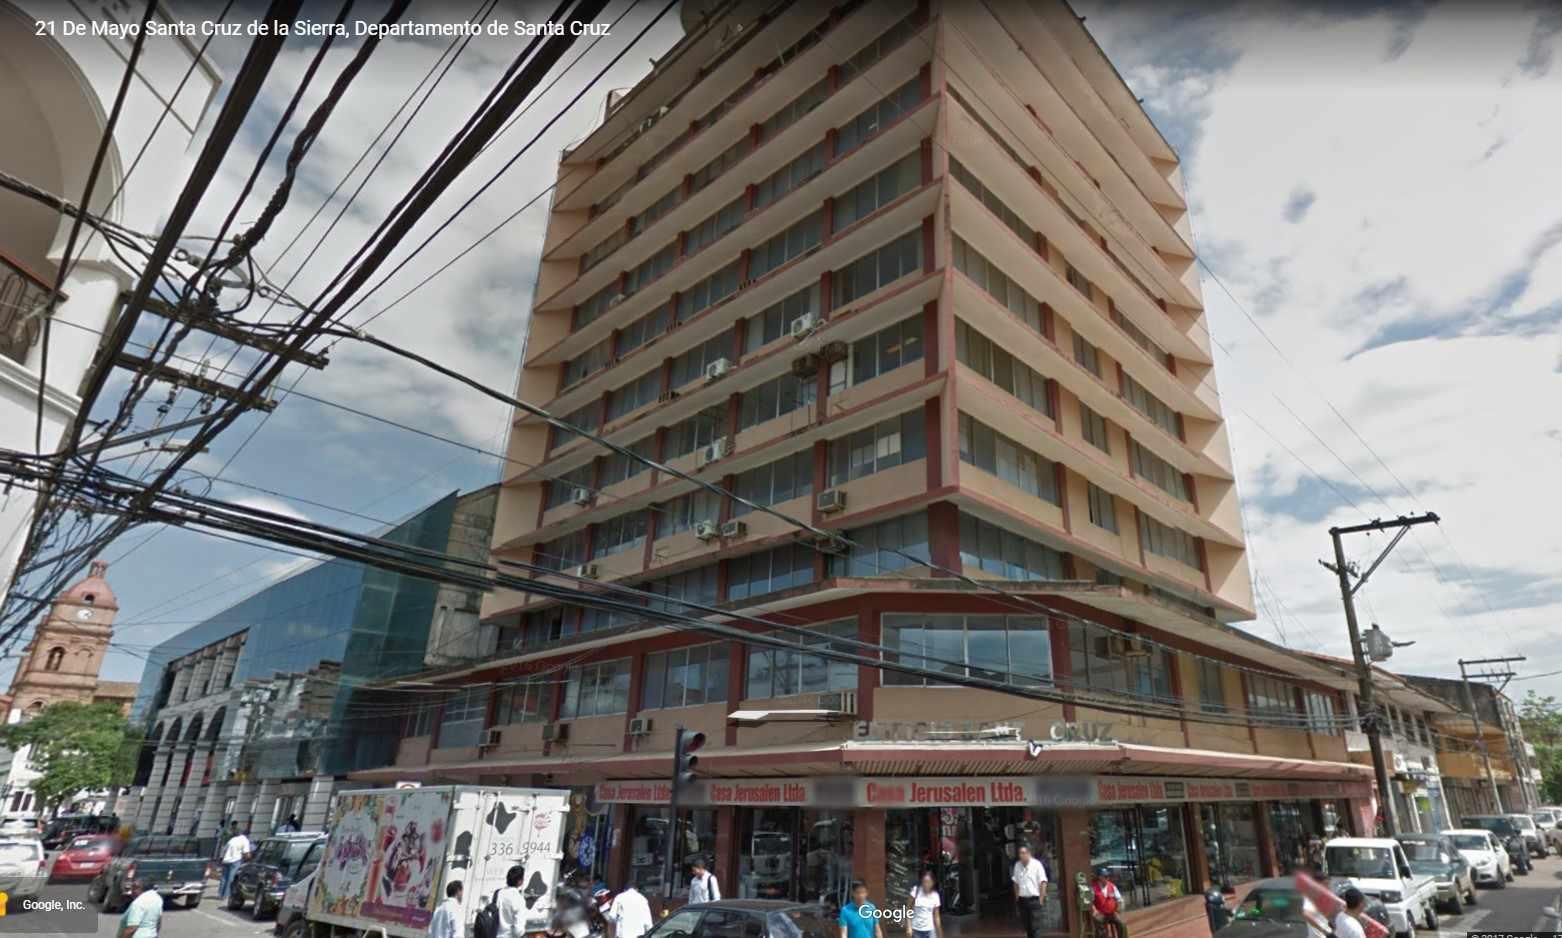 Oficina en Alquiler Edificio Santa Cruz, calle Ayacucho esquina Velasco Foto 1